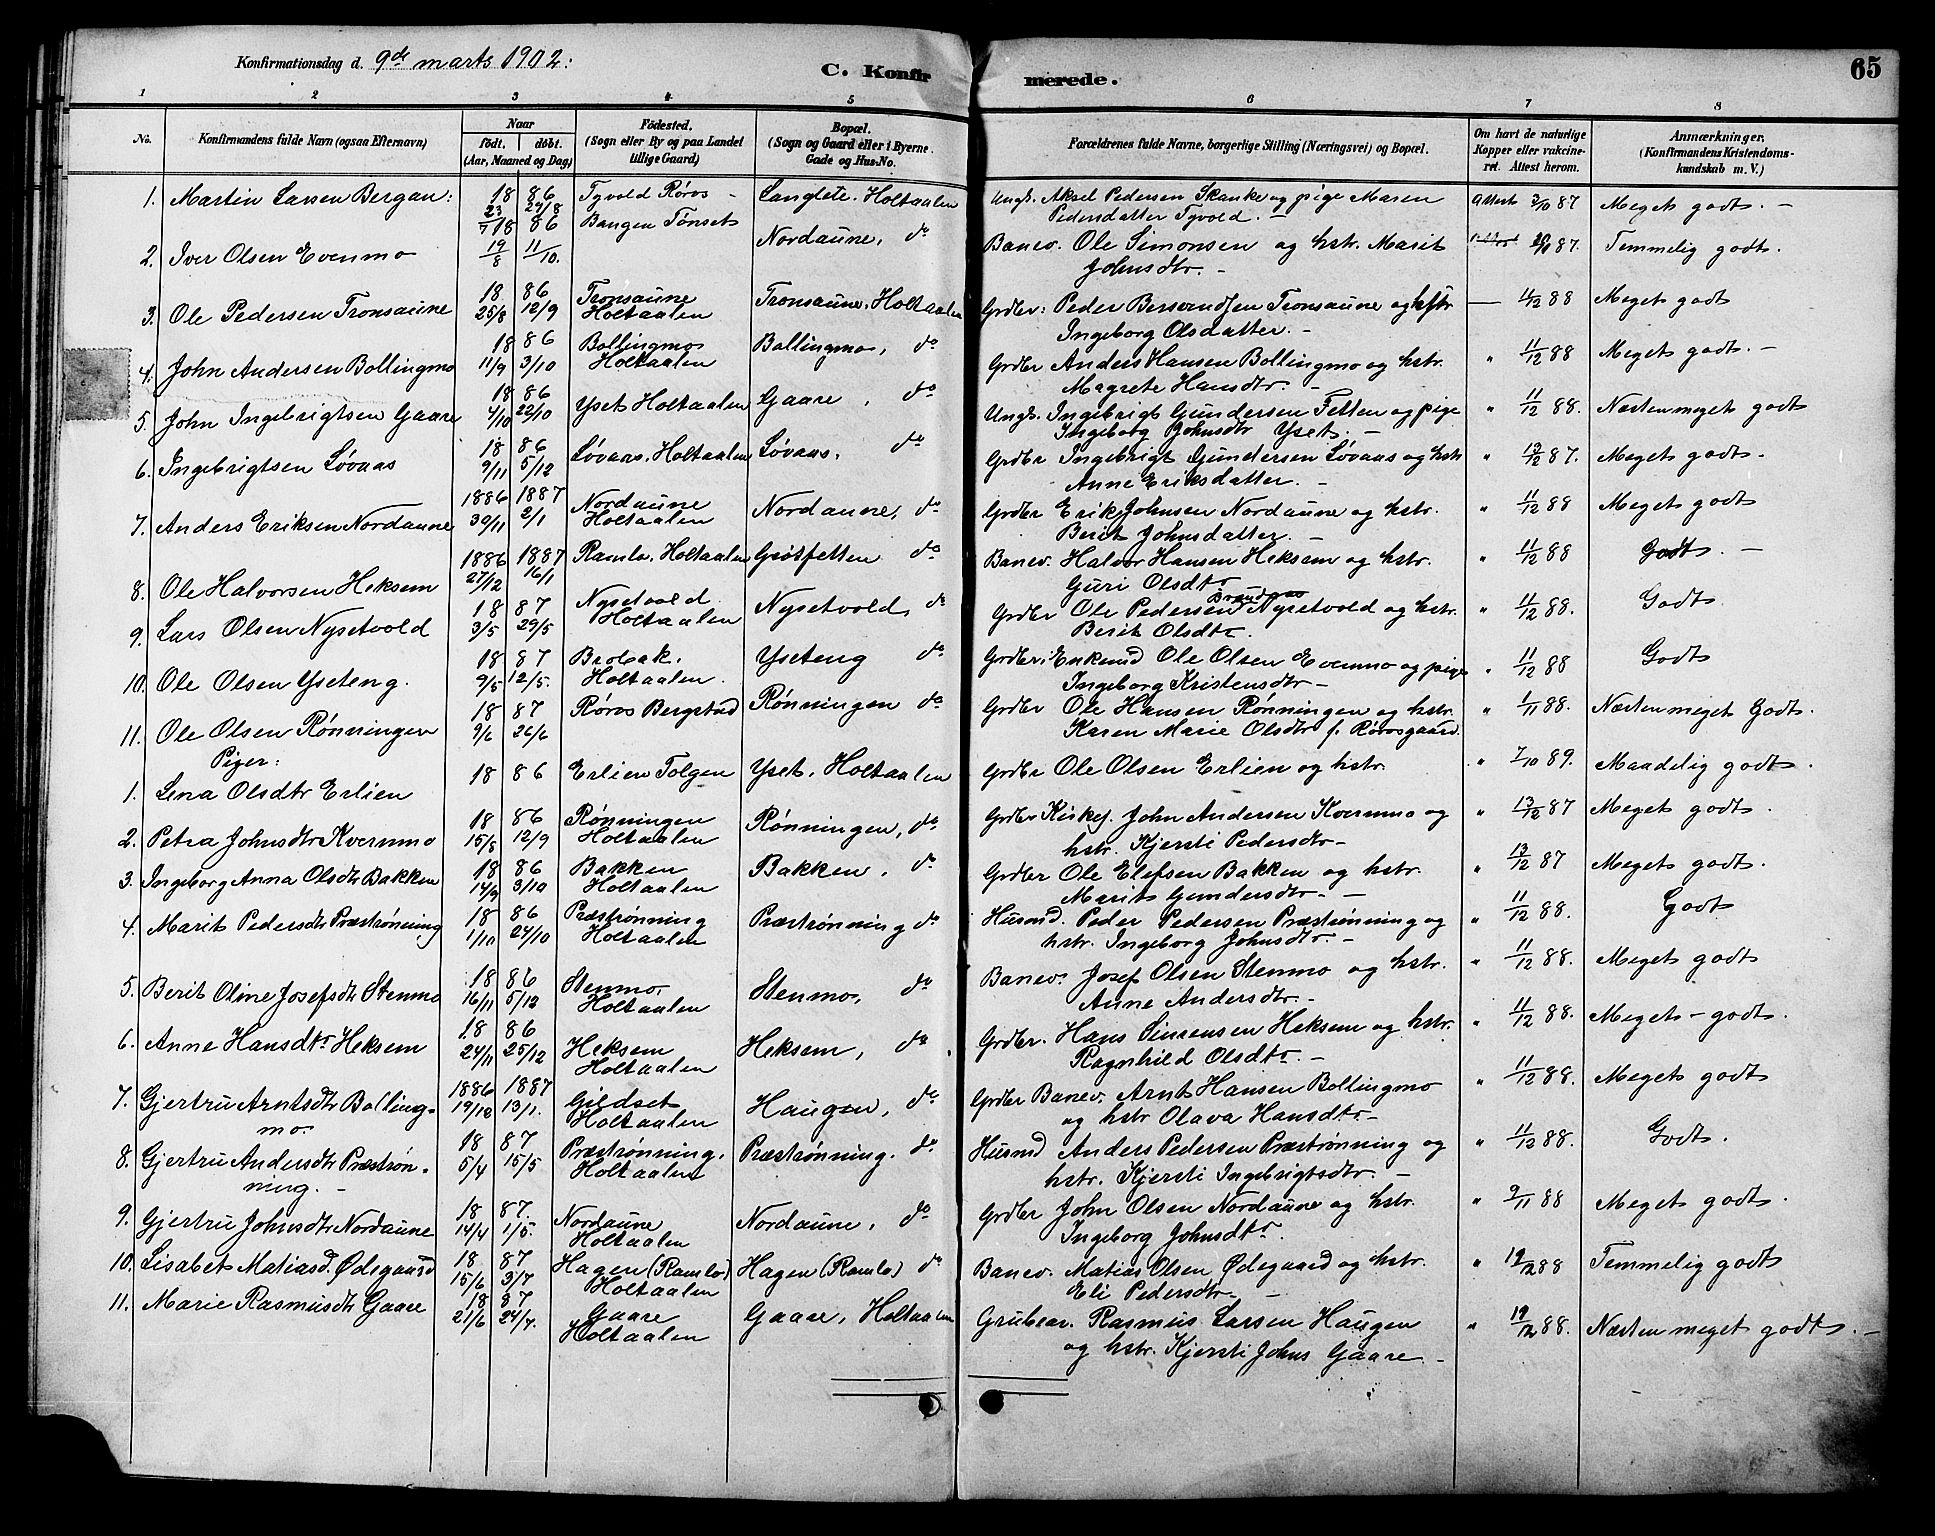 SAT, Ministerialprotokoller, klokkerbøker og fødselsregistre - Sør-Trøndelag, 685/L0978: Klokkerbok nr. 685C03, 1891-1907, s. 65